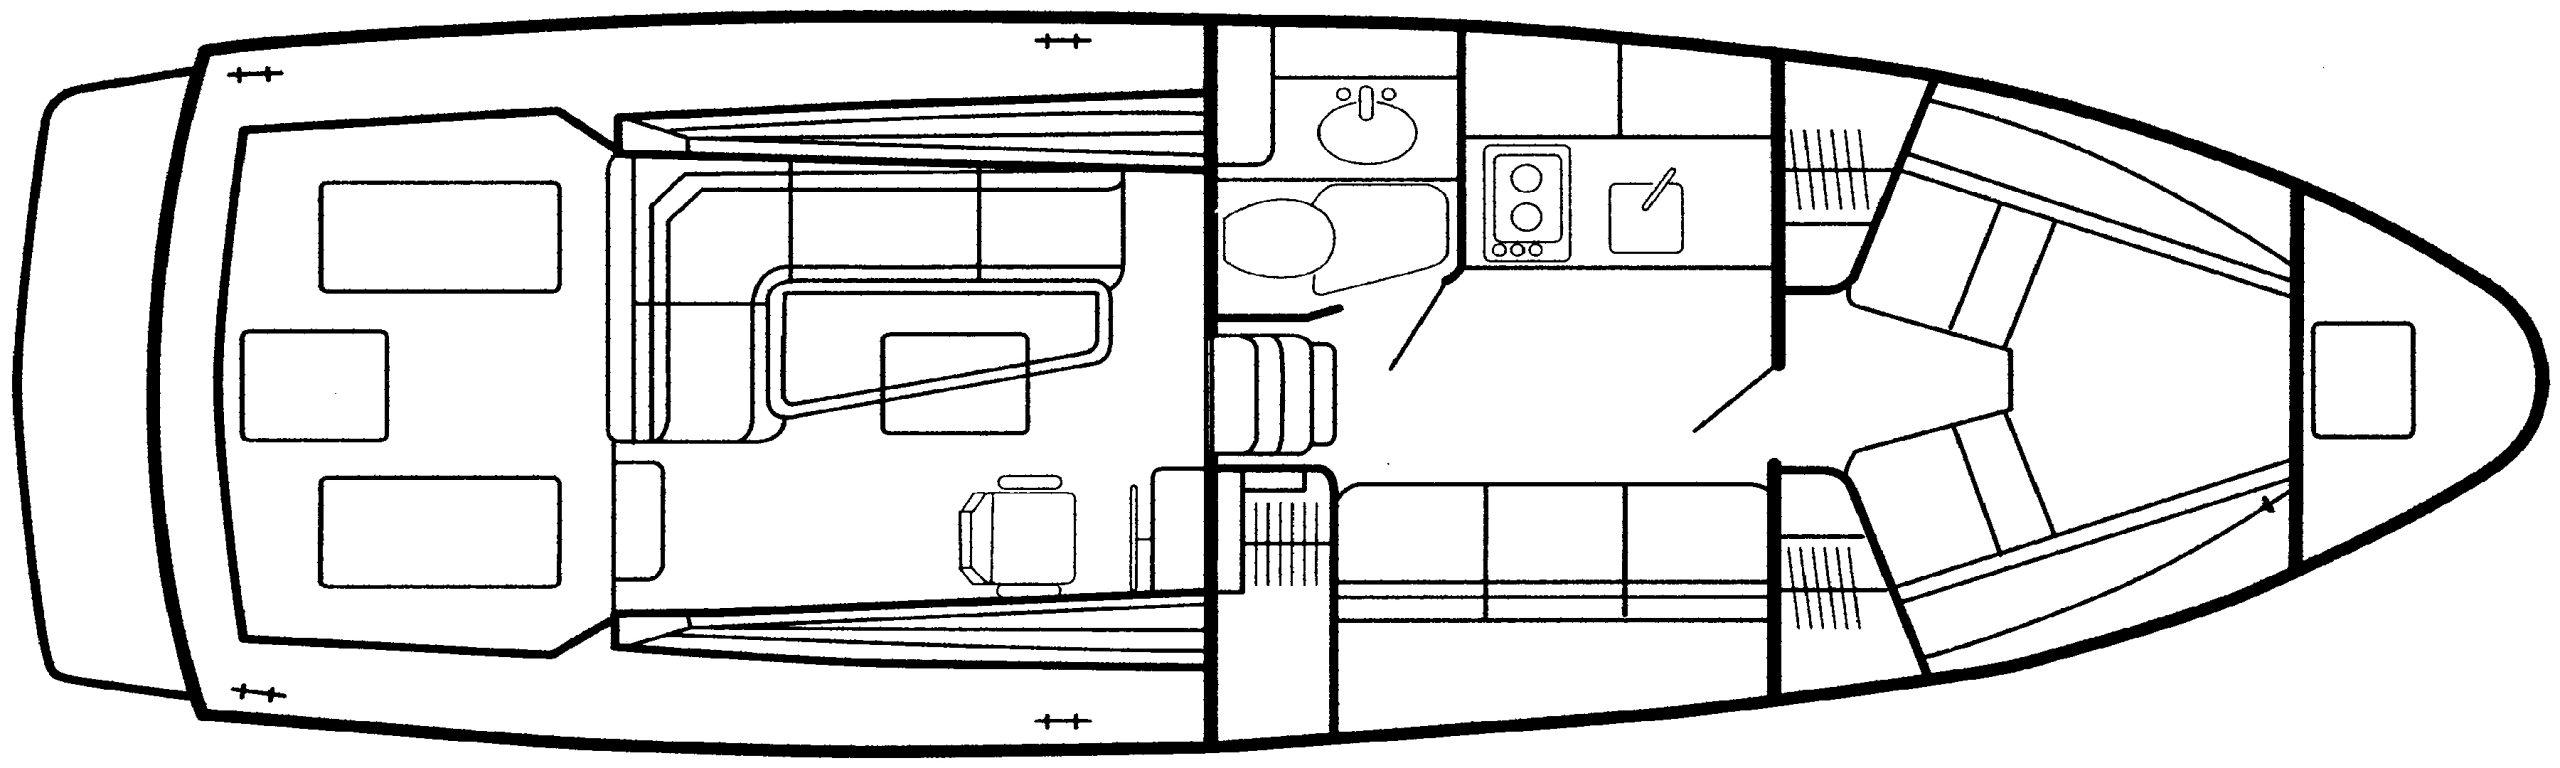 36-38 Whisperjet Floor Plan 2